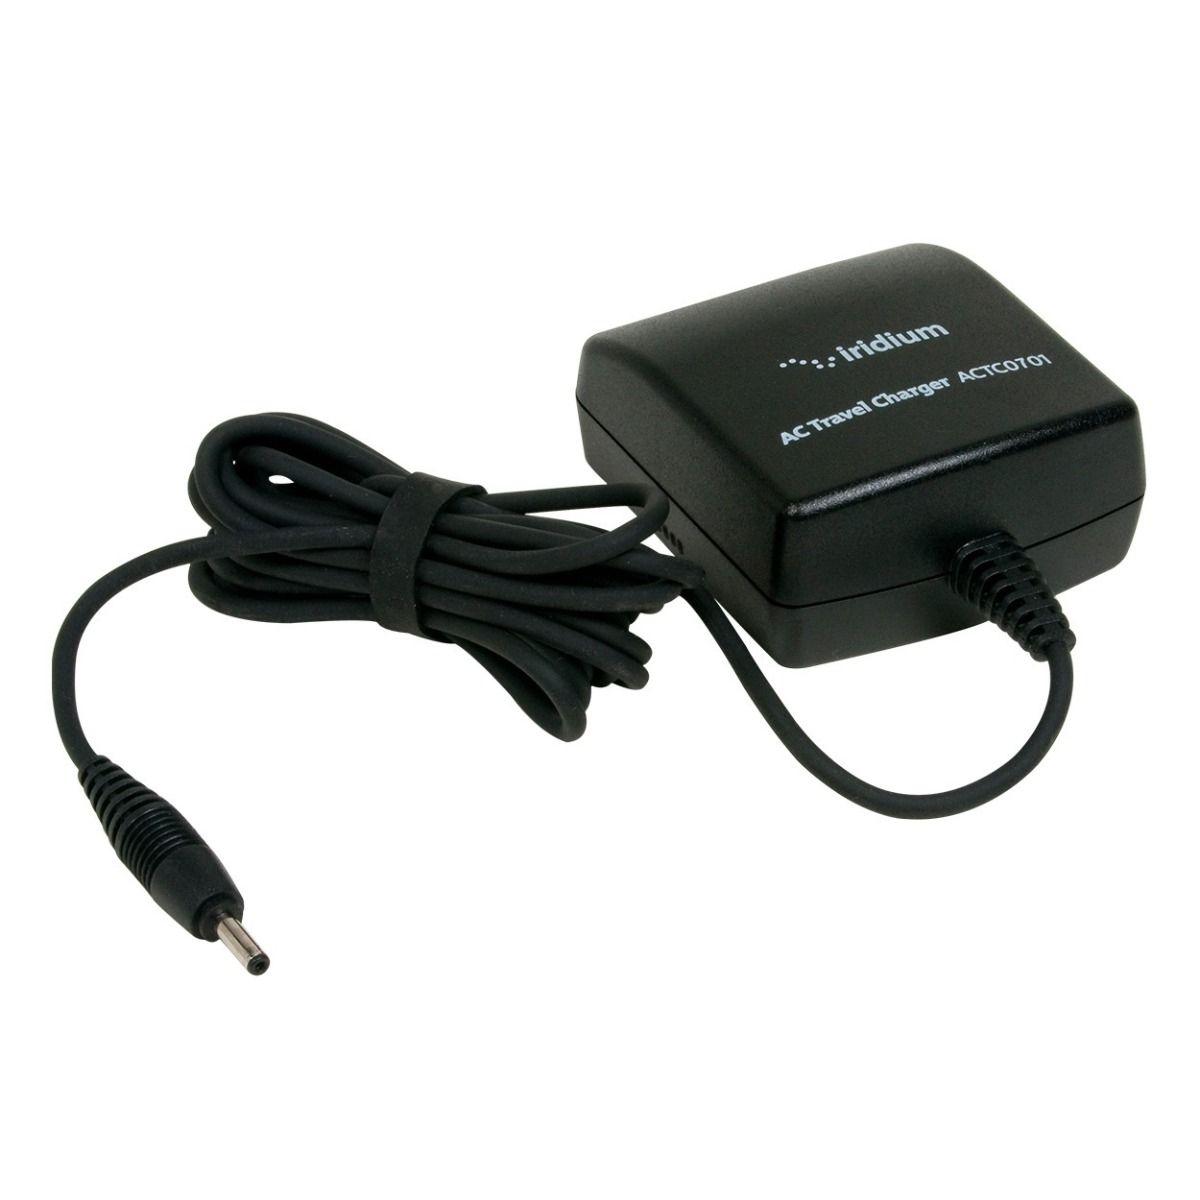 Сетевое зарядное устройство для Iridium 9555 (оригинальный сетевой адаптер)